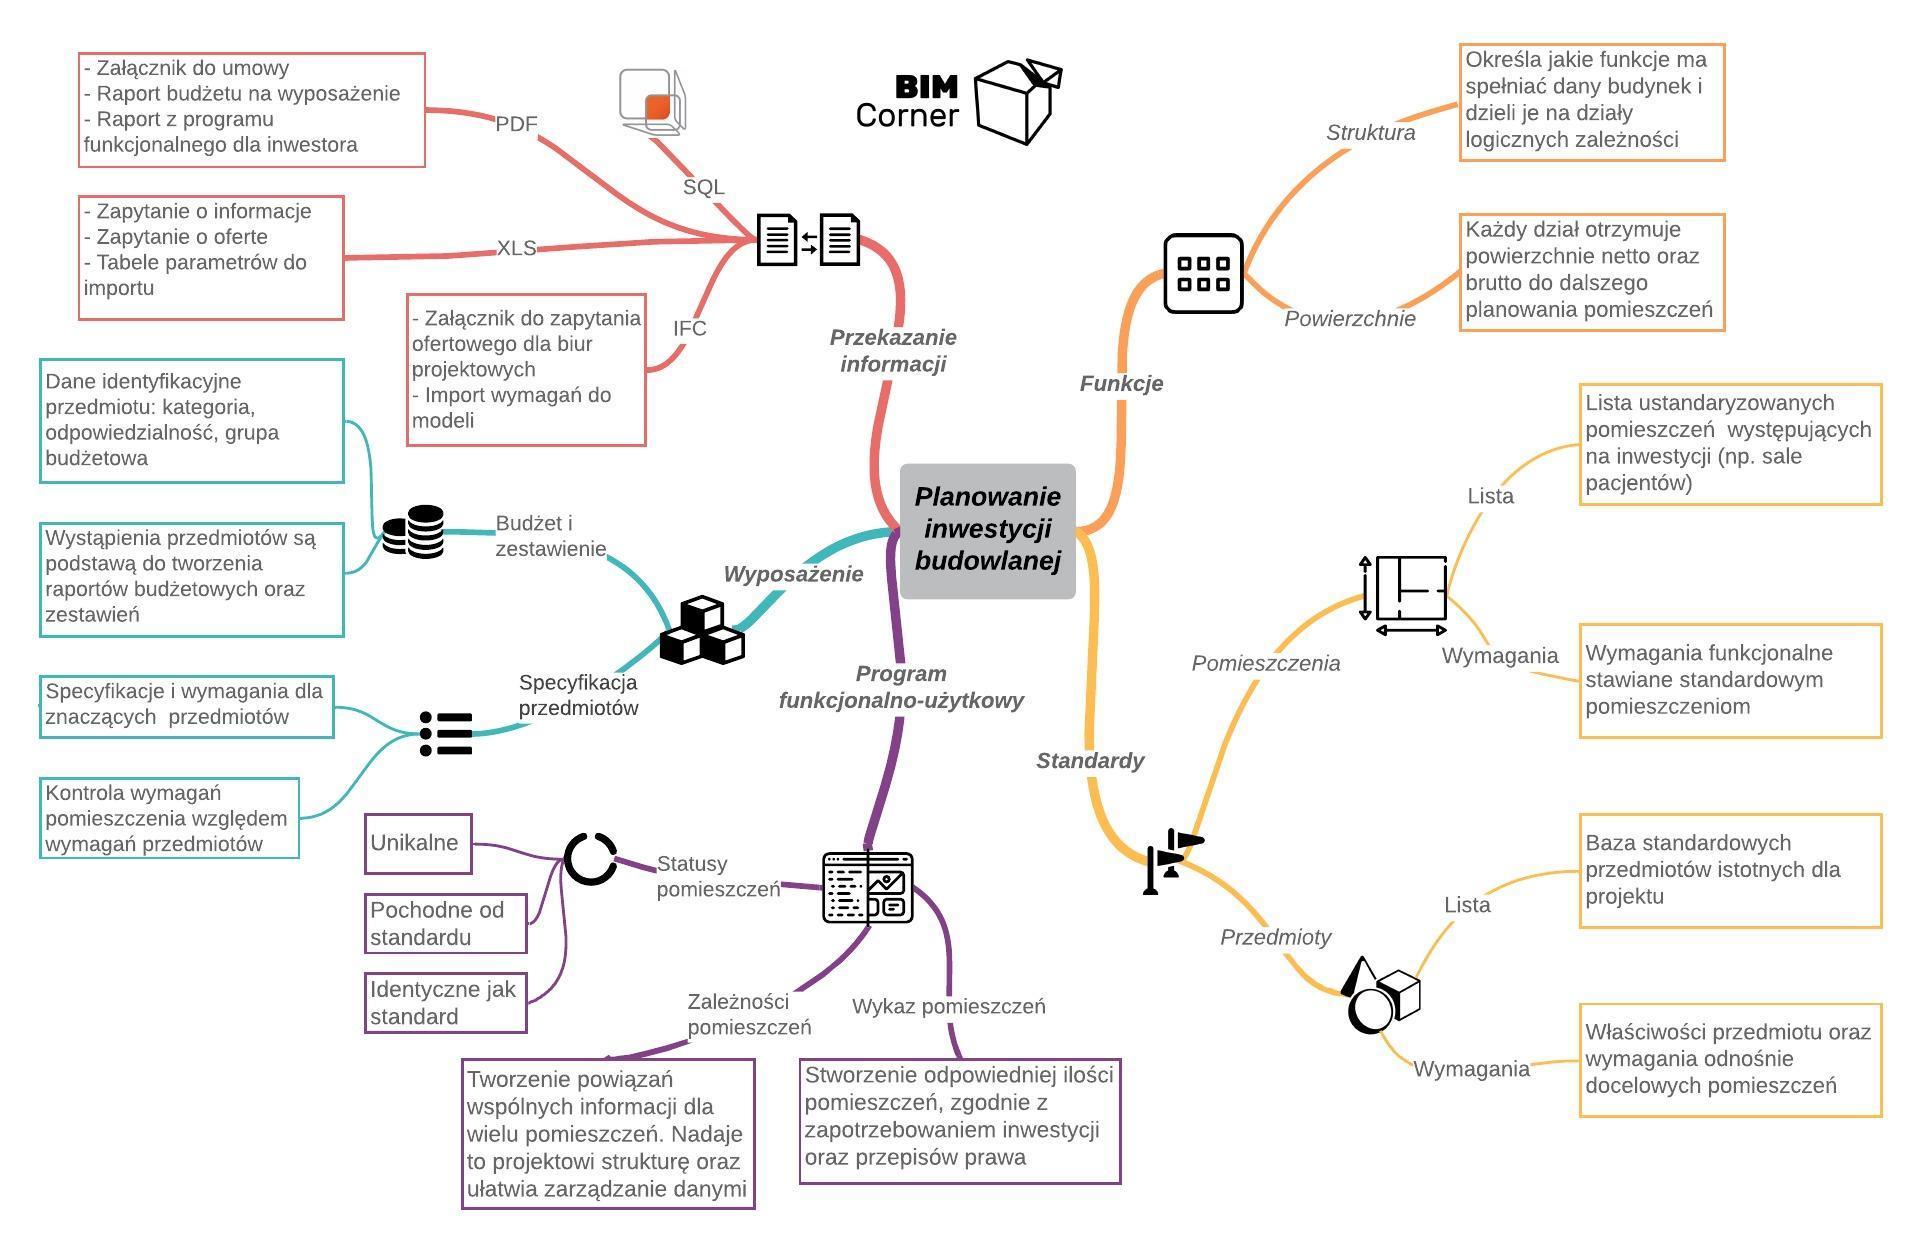 Mapa myśli: program Funkcjonalno-użytkowy oraz planowanie inwestycji budowlanej